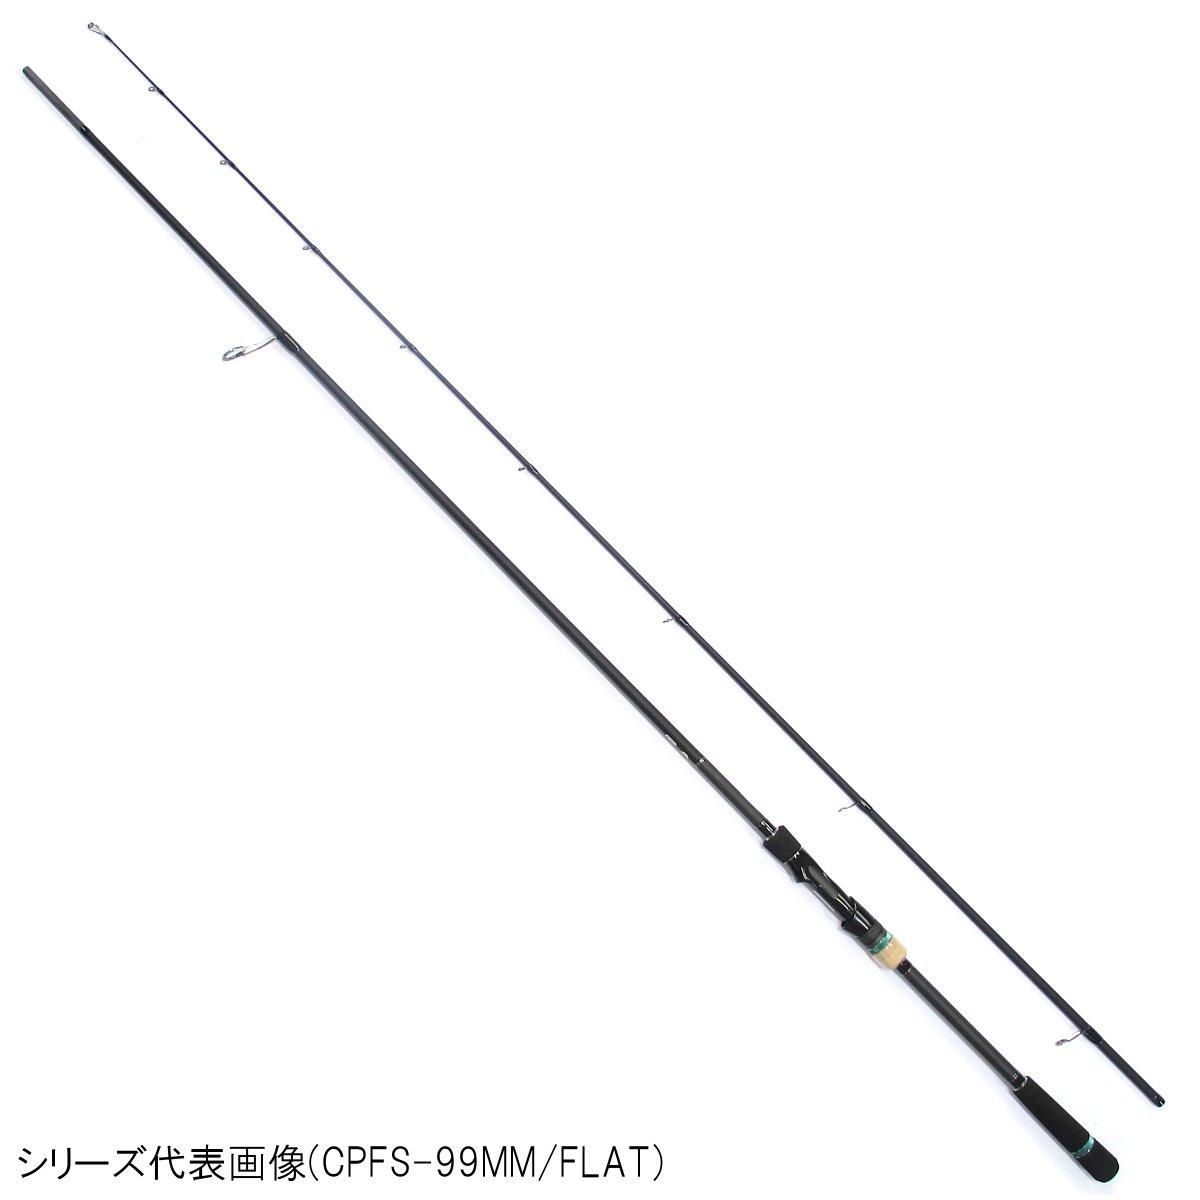 サイファリスト フラットセイバー CPFS-98ML/FLAT【大型商品】(東日本店)